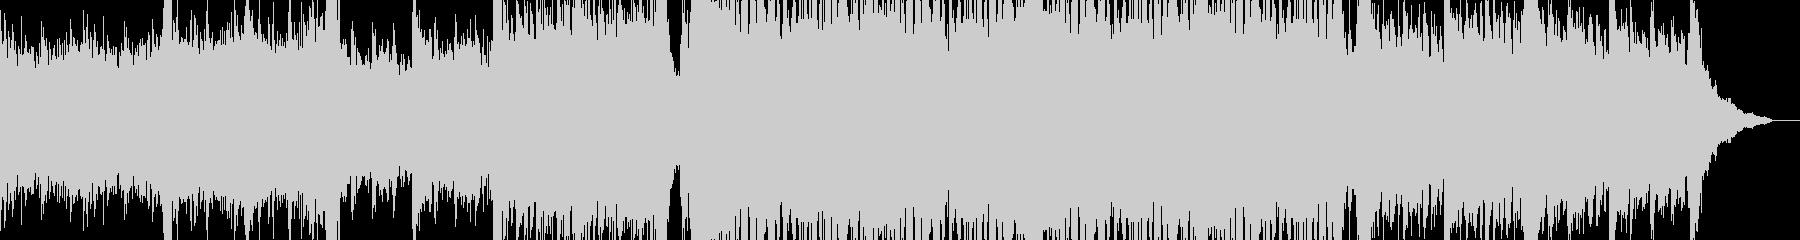 ストリングが目立つシネマティックな曲の未再生の波形